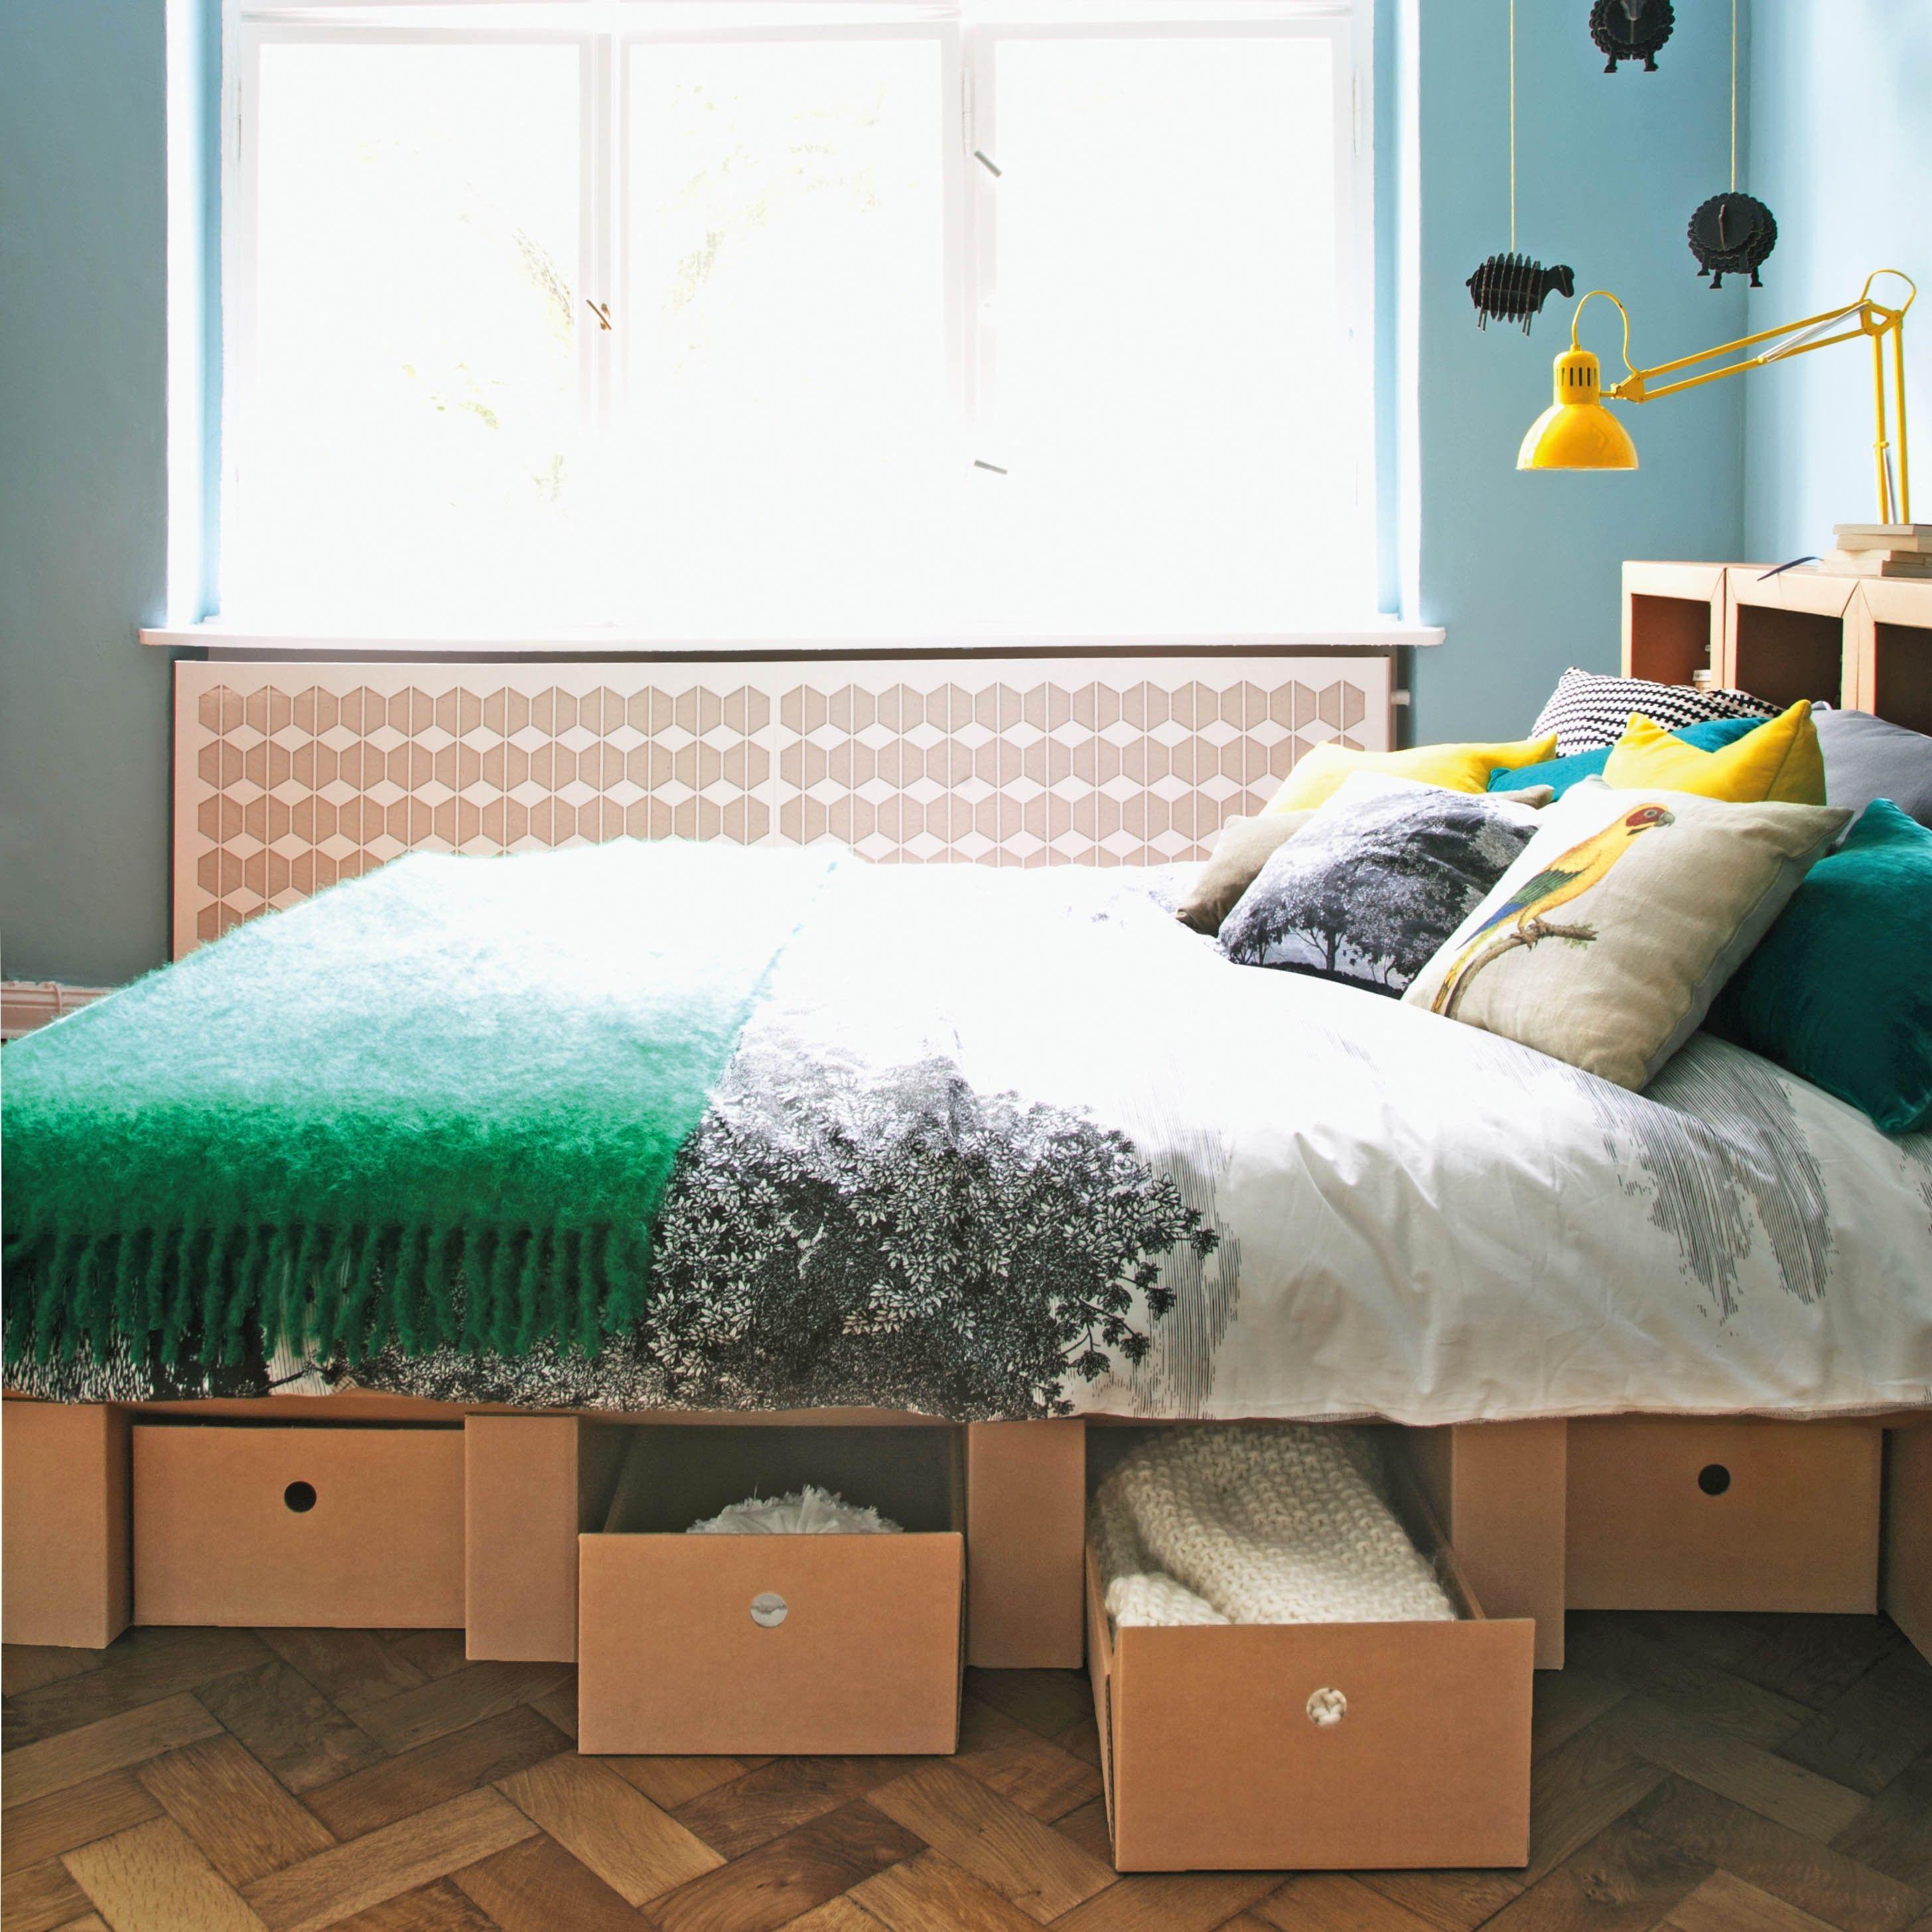 Bett Aus Pappe Online Bestellen Bei Stange Design   Pappmöbel U2013 Shop Für  Möbel Aus Pappe